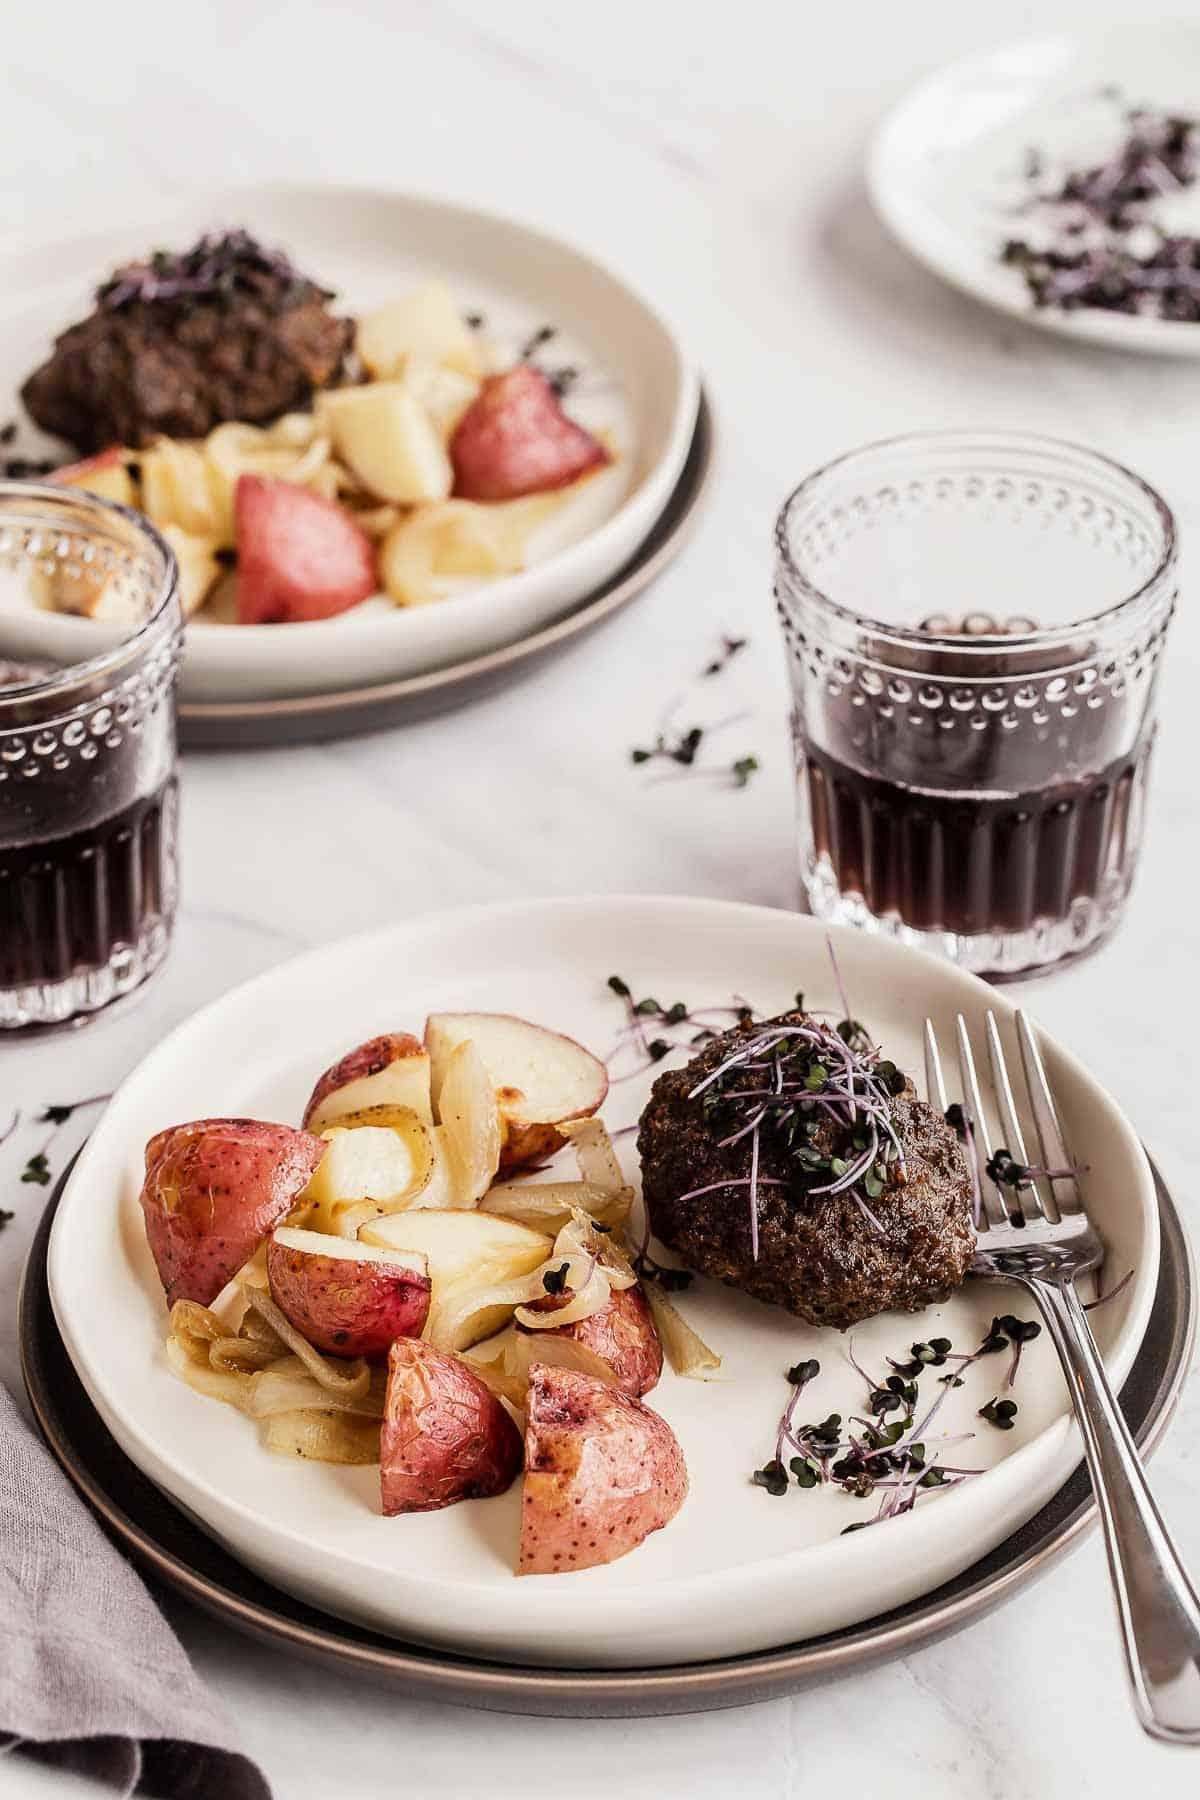 Salisbury Steak Easy Dinner Recipe - One Pan Meal